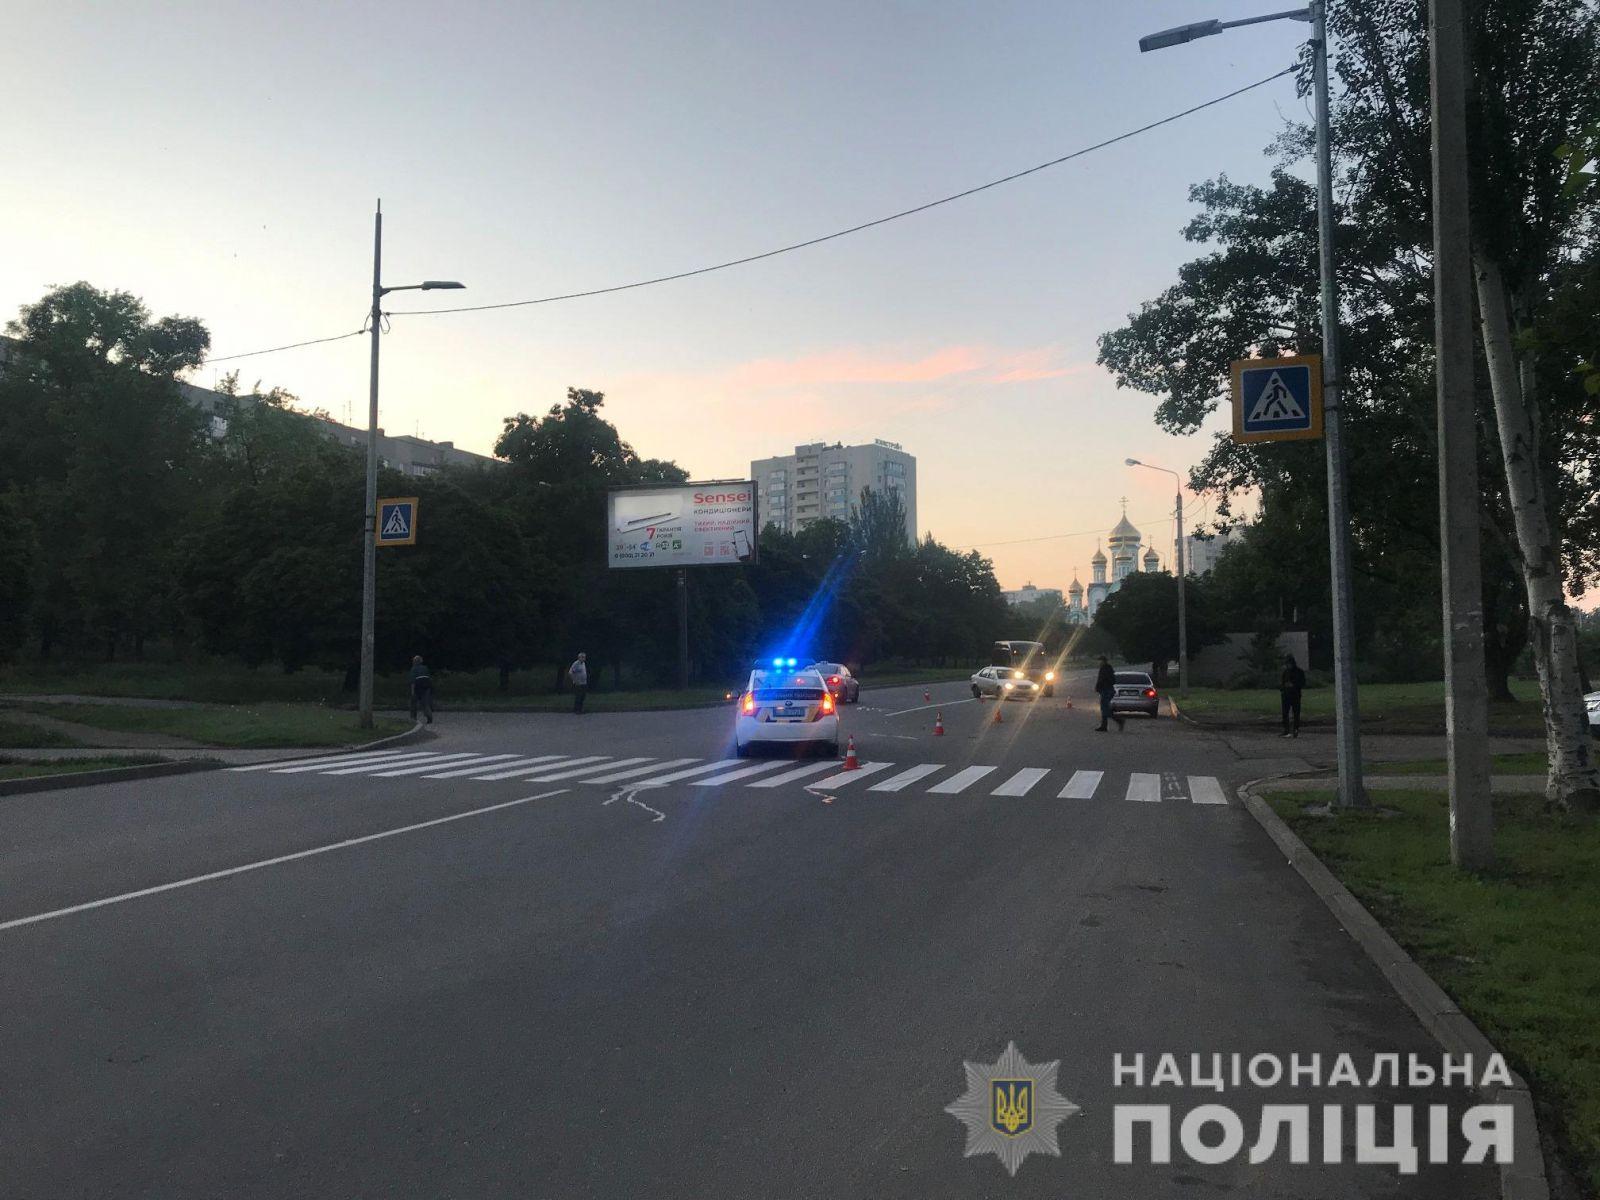 ДТП Харьков: Разыскиваются очевидцы ночной аварии в Харькове